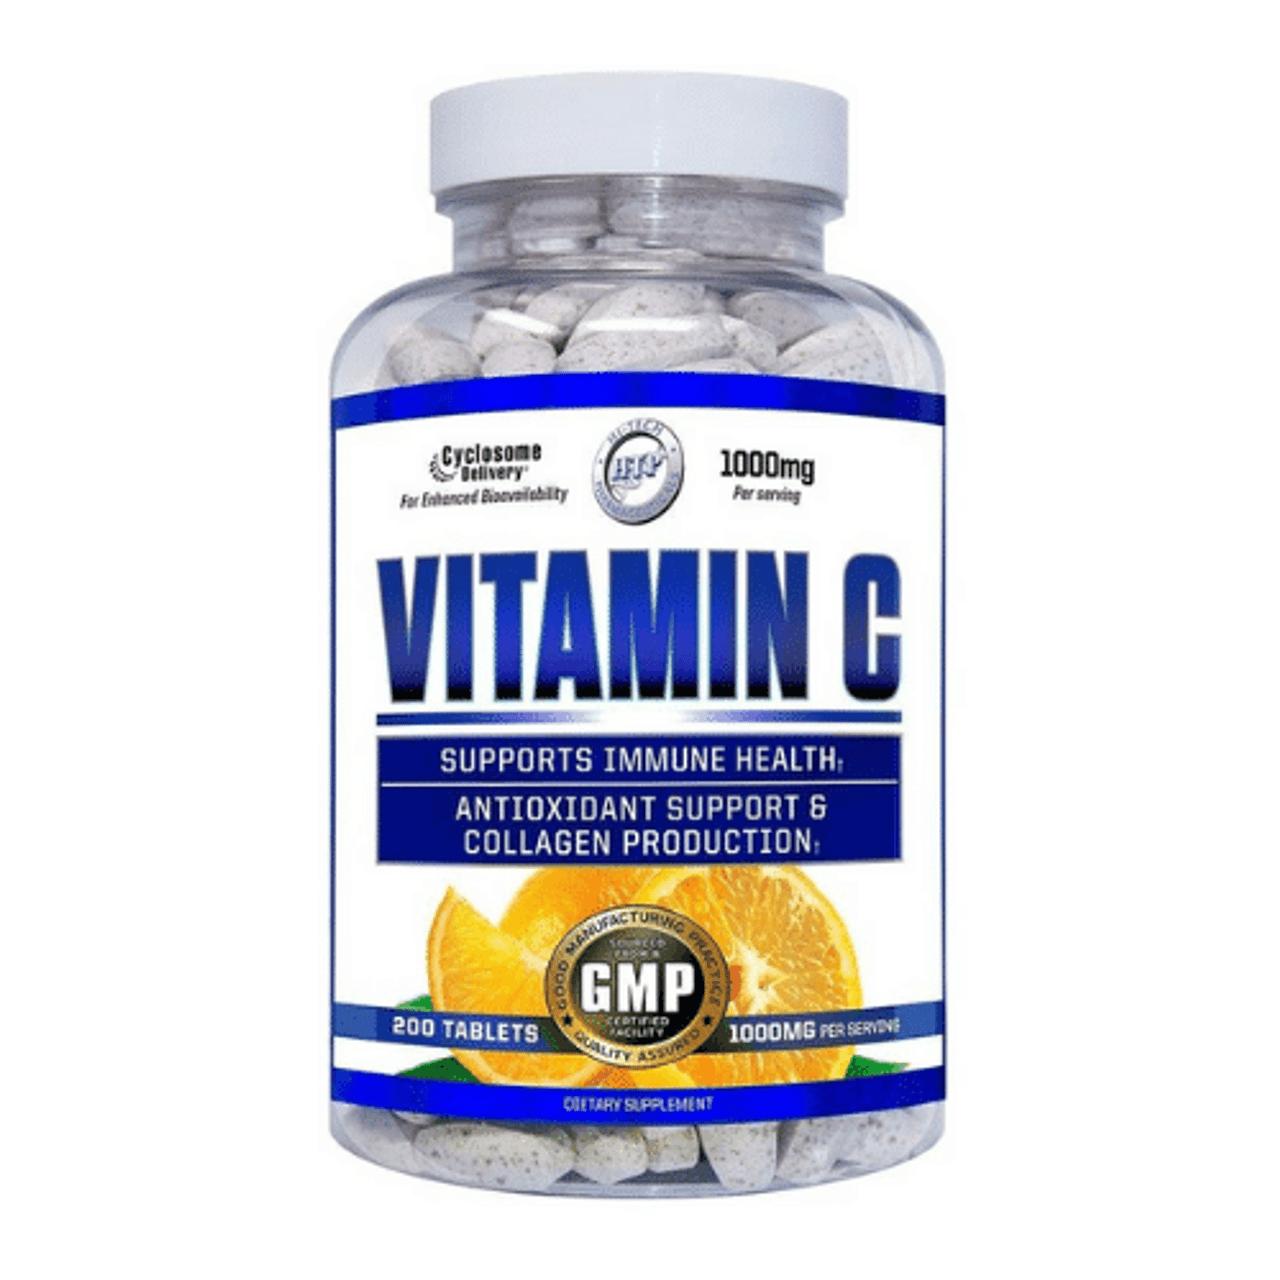 Vitamins A-Z